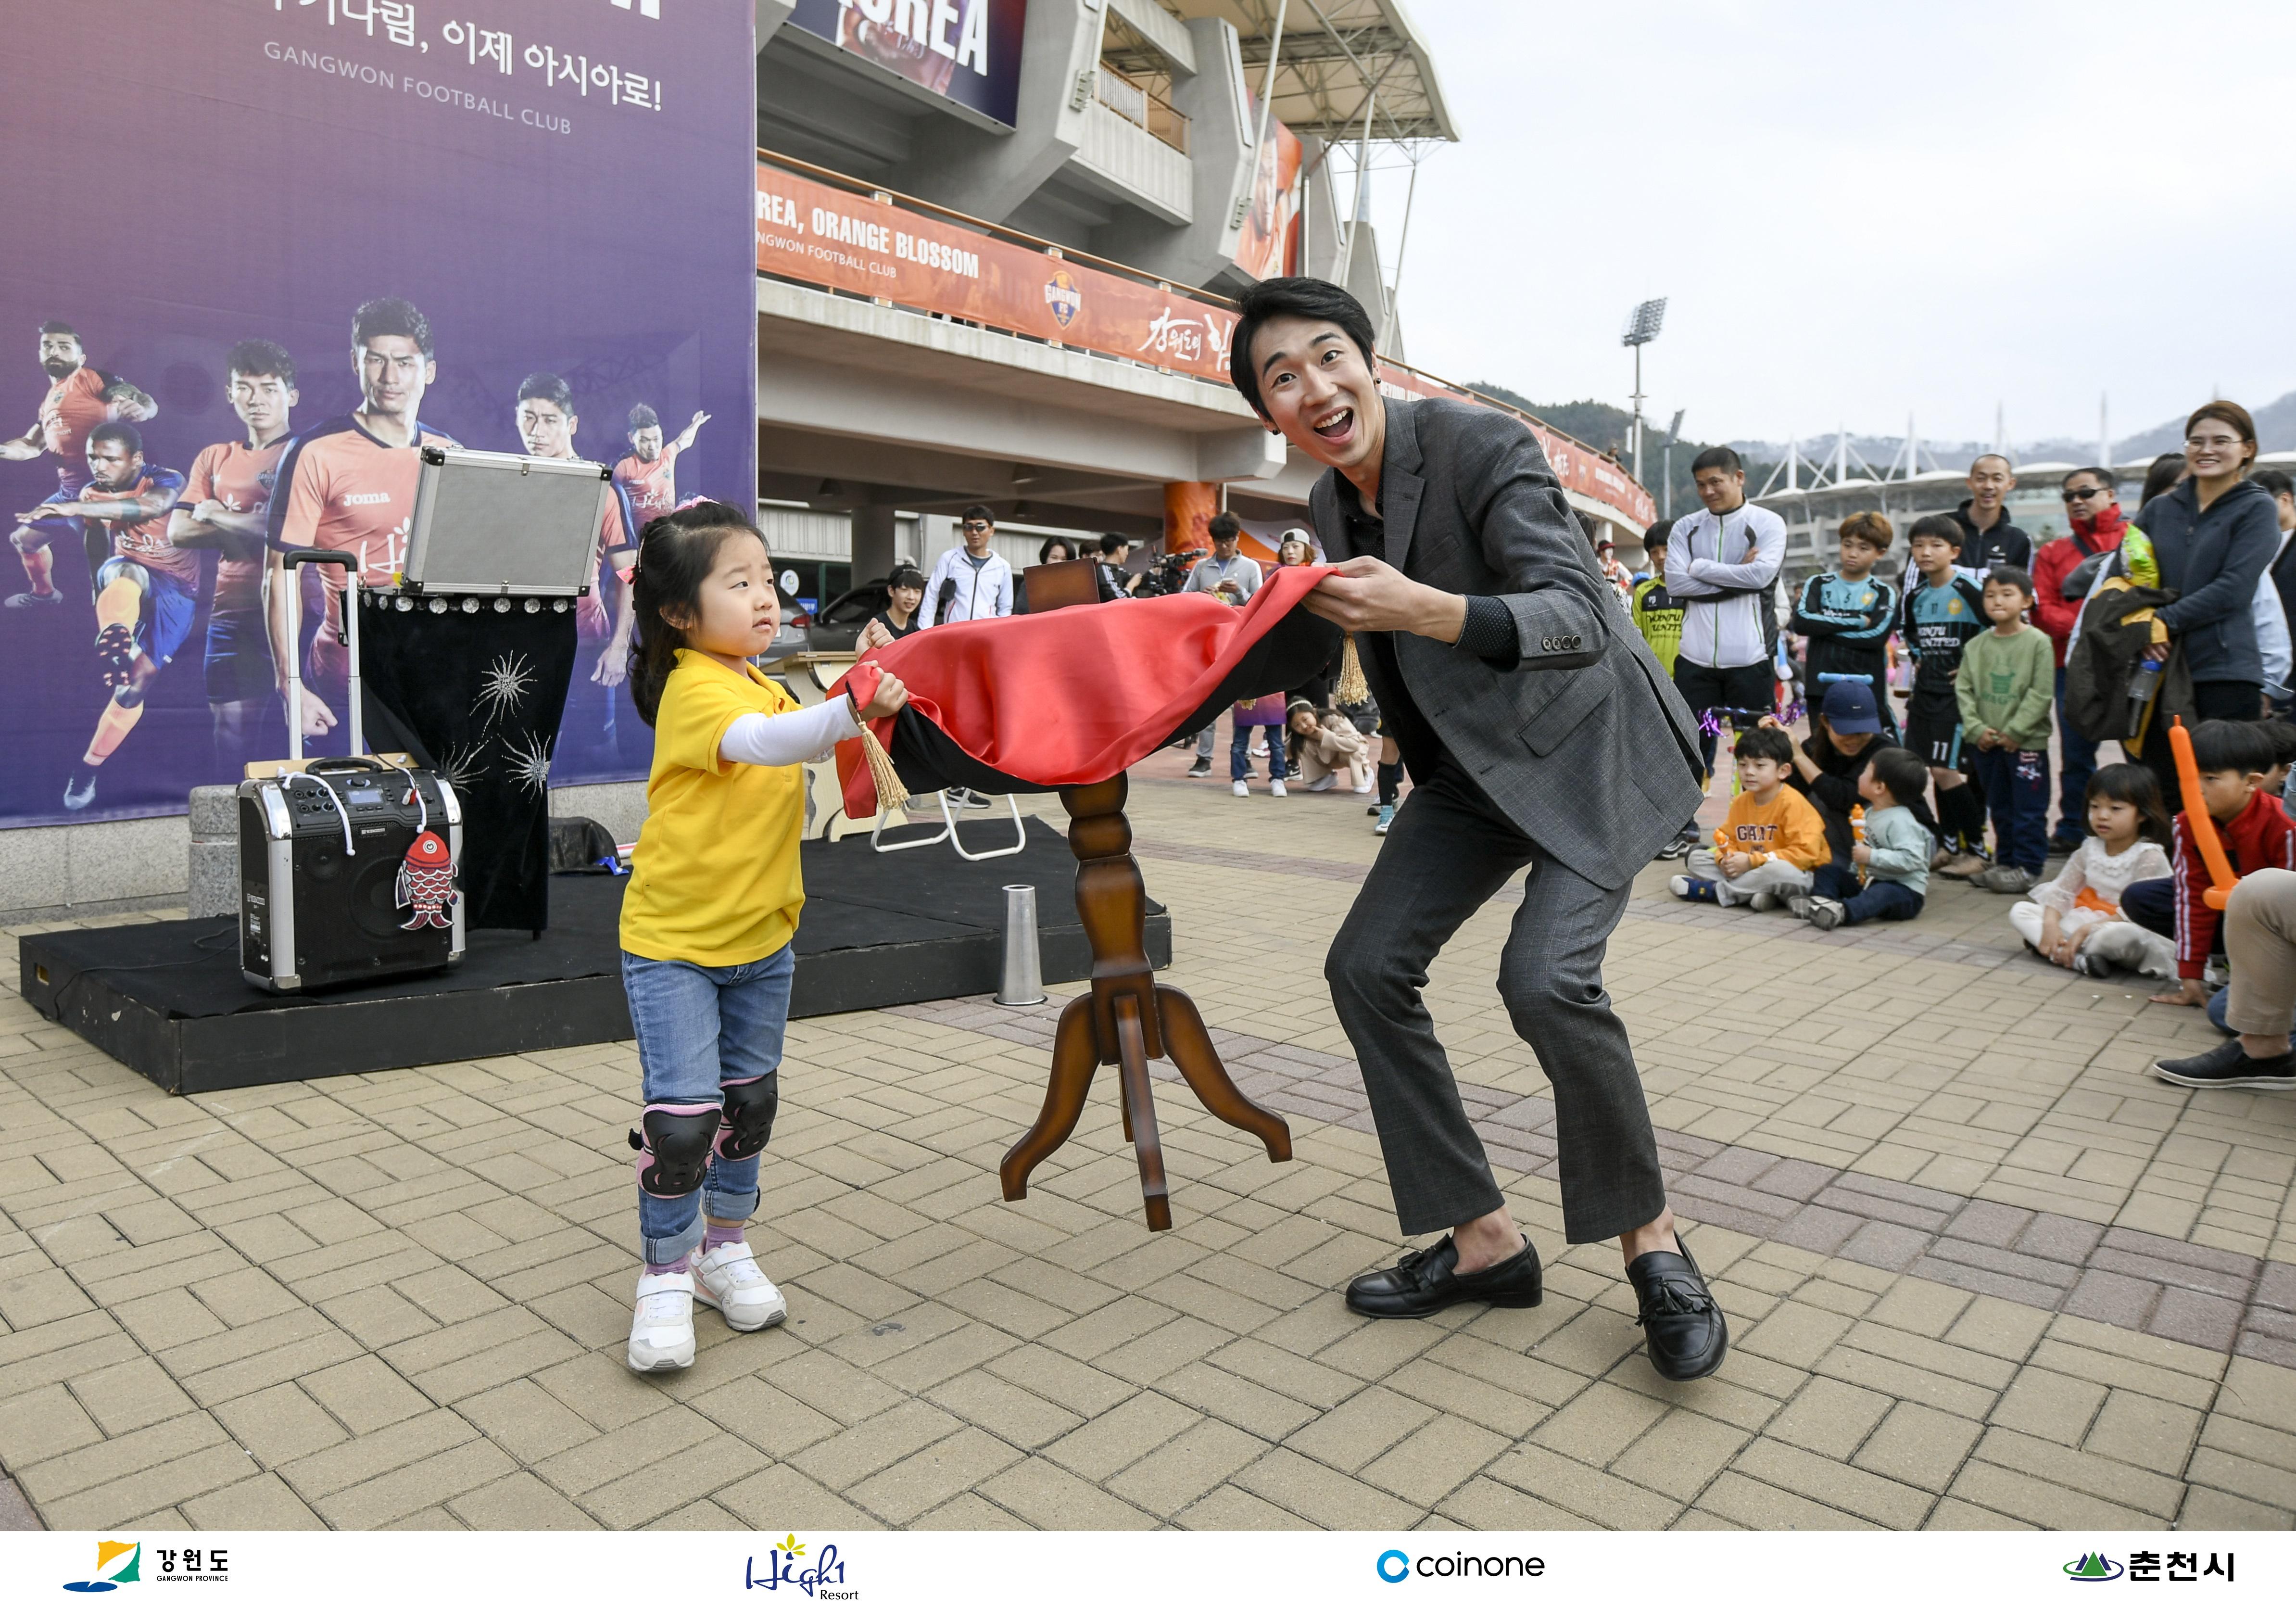 강원FC, 스플릿 홈경기 '초등학생 무료입장'…보드게임·마술공연 개최